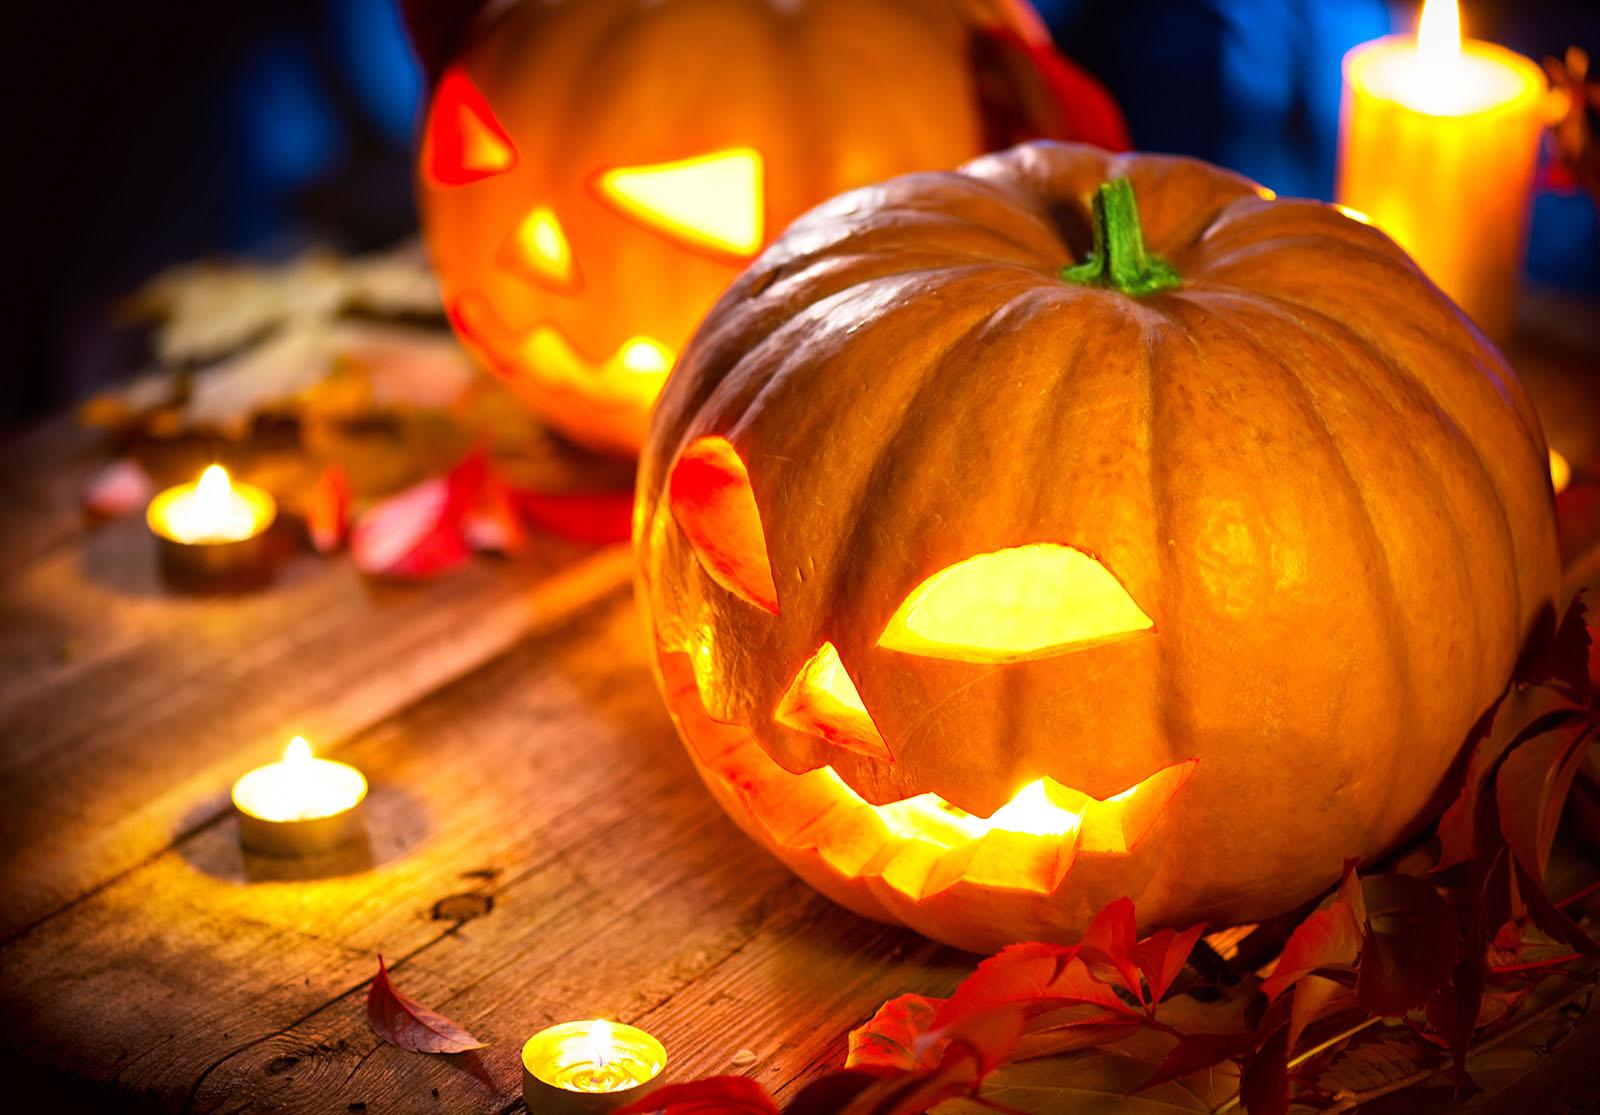 Activité Manuelle : La Citrouille D'halloween - Family dedans Photo De Citrouille D Halloween